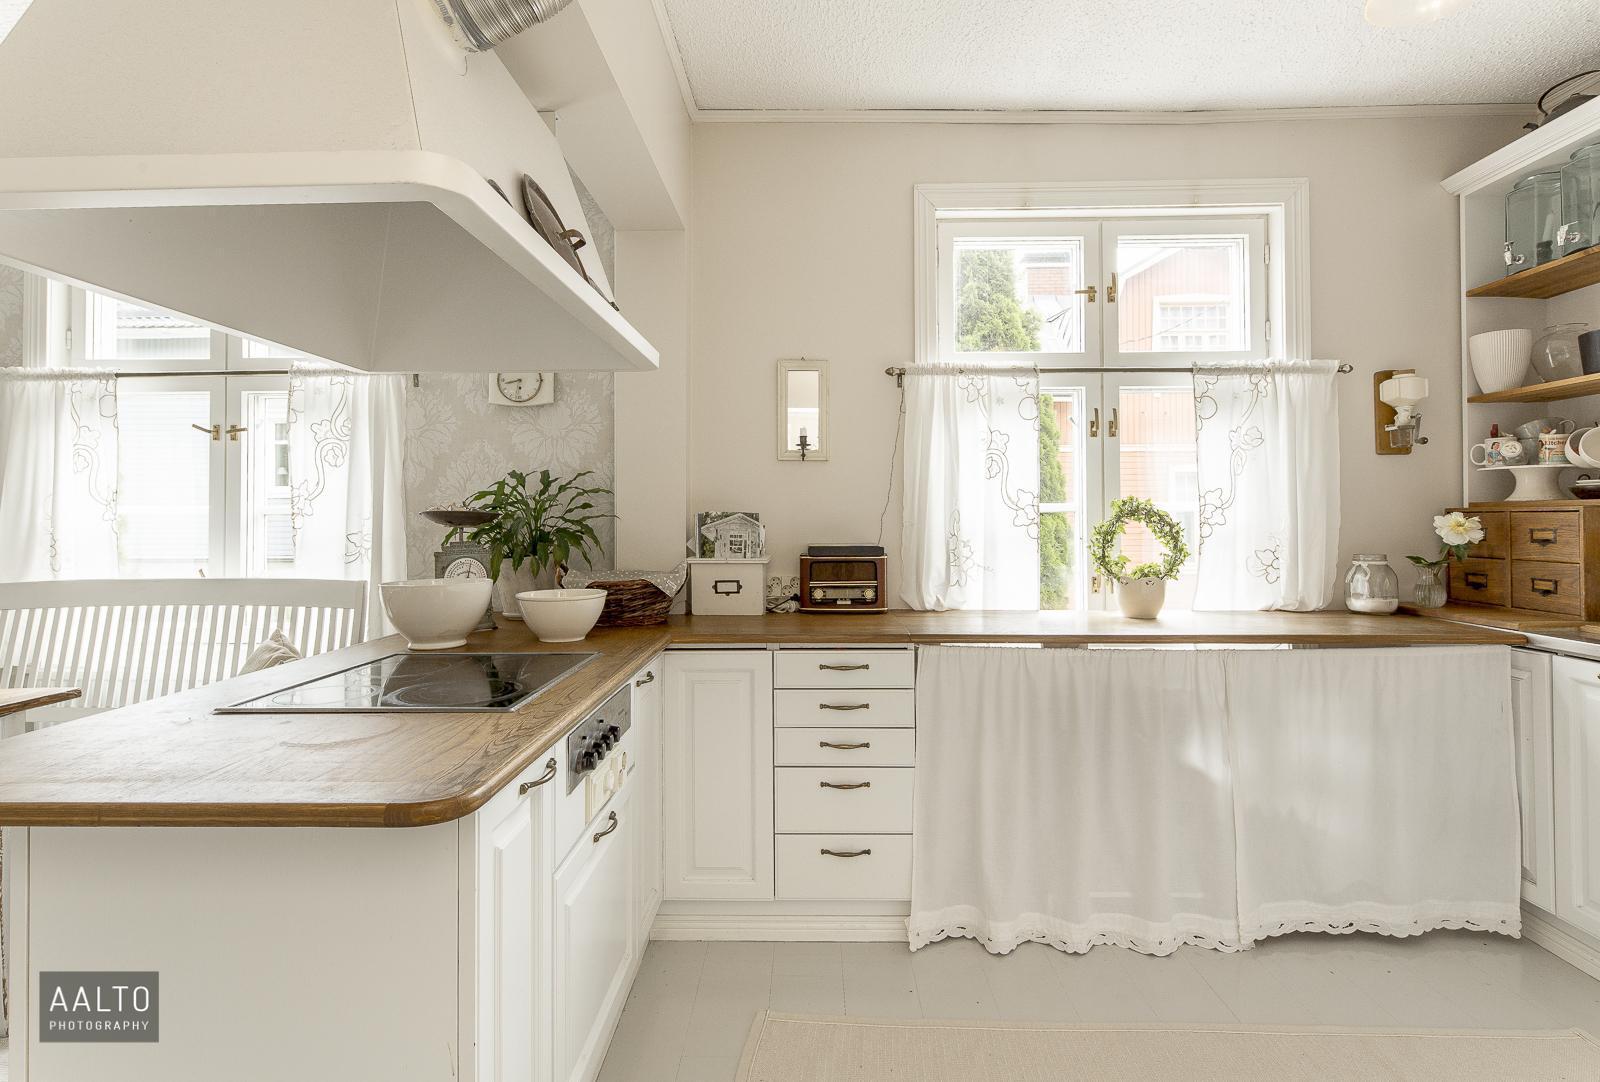 кухня с окном в рабочей зоне занавески